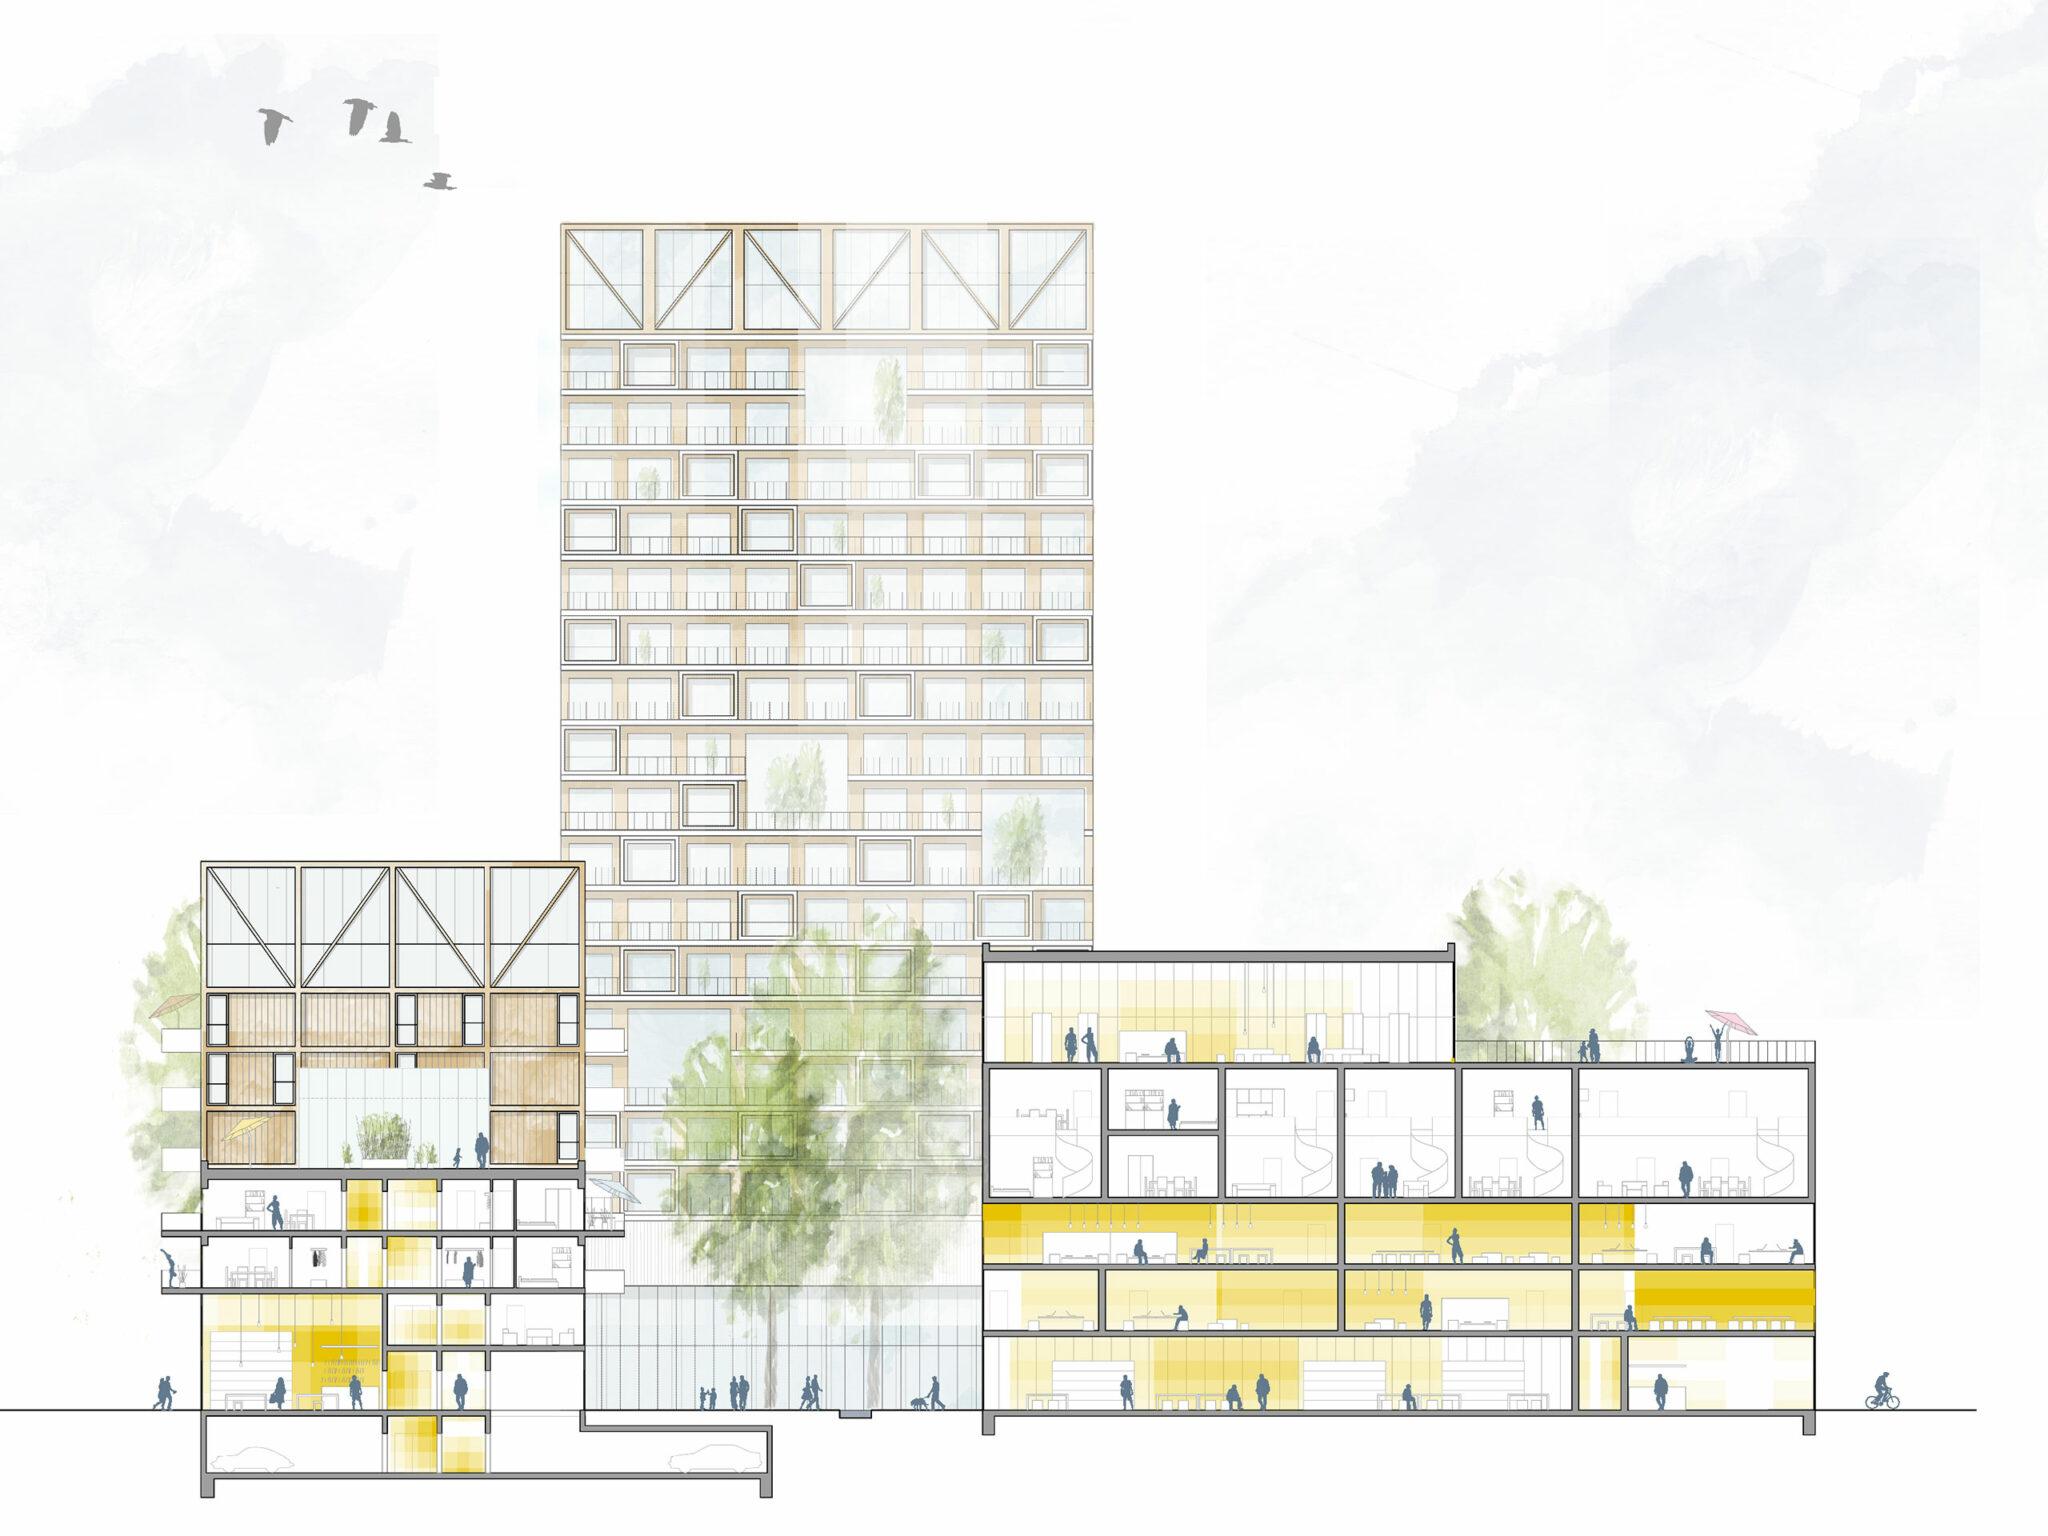 Postareal Böblingen: Sectional view of the winning design (Credits: Gutiérrez - De la Fuente Arquitectos / UTA Architekten und Stadtplaner)